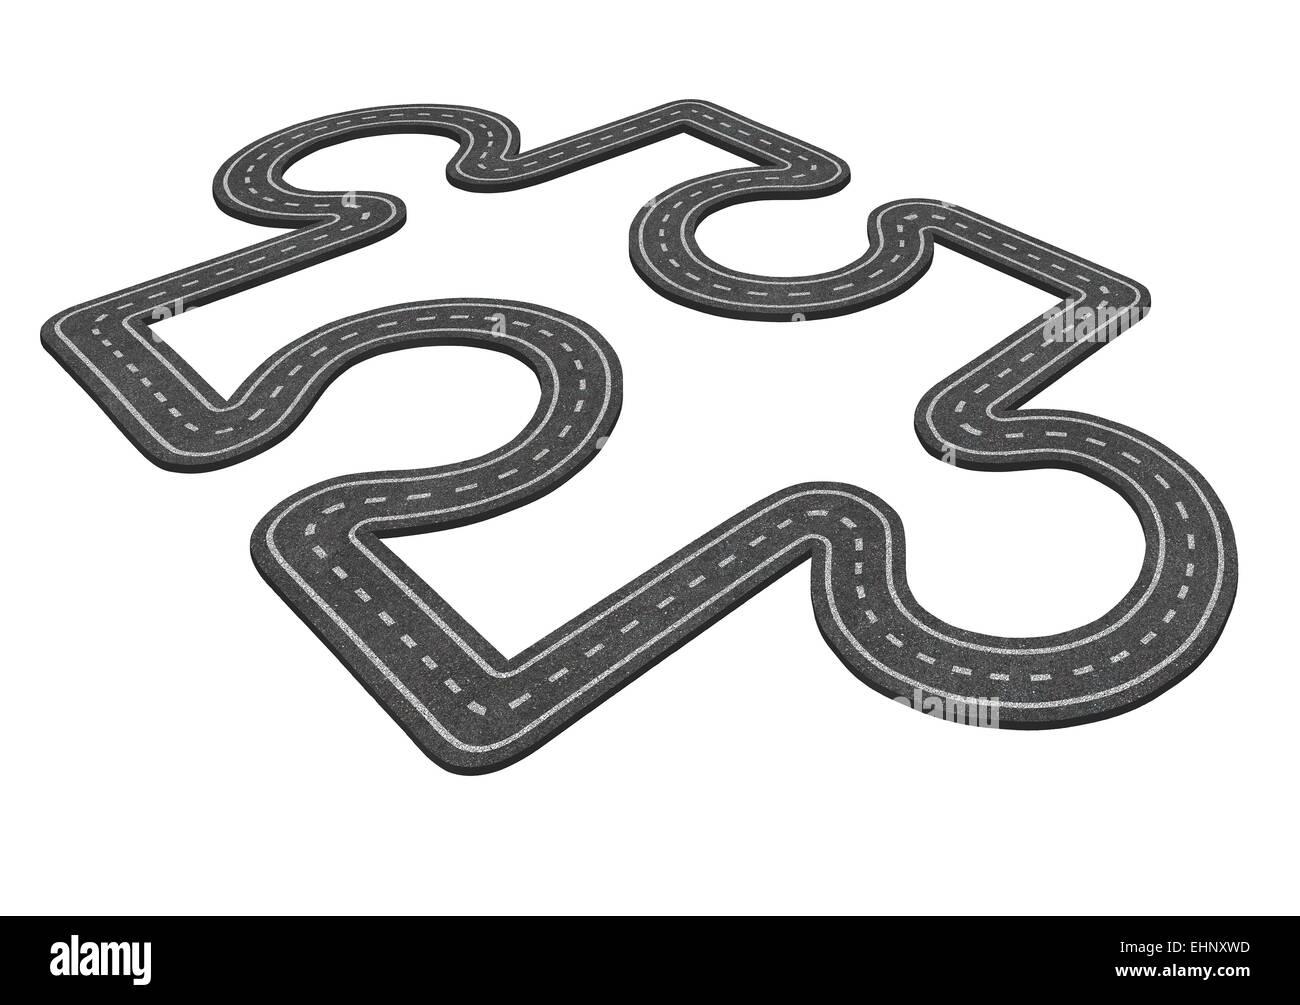 Puzzle road concepto como un símbolo de transporte y negocio icono para el desarrollo económico como una Imagen De Stock